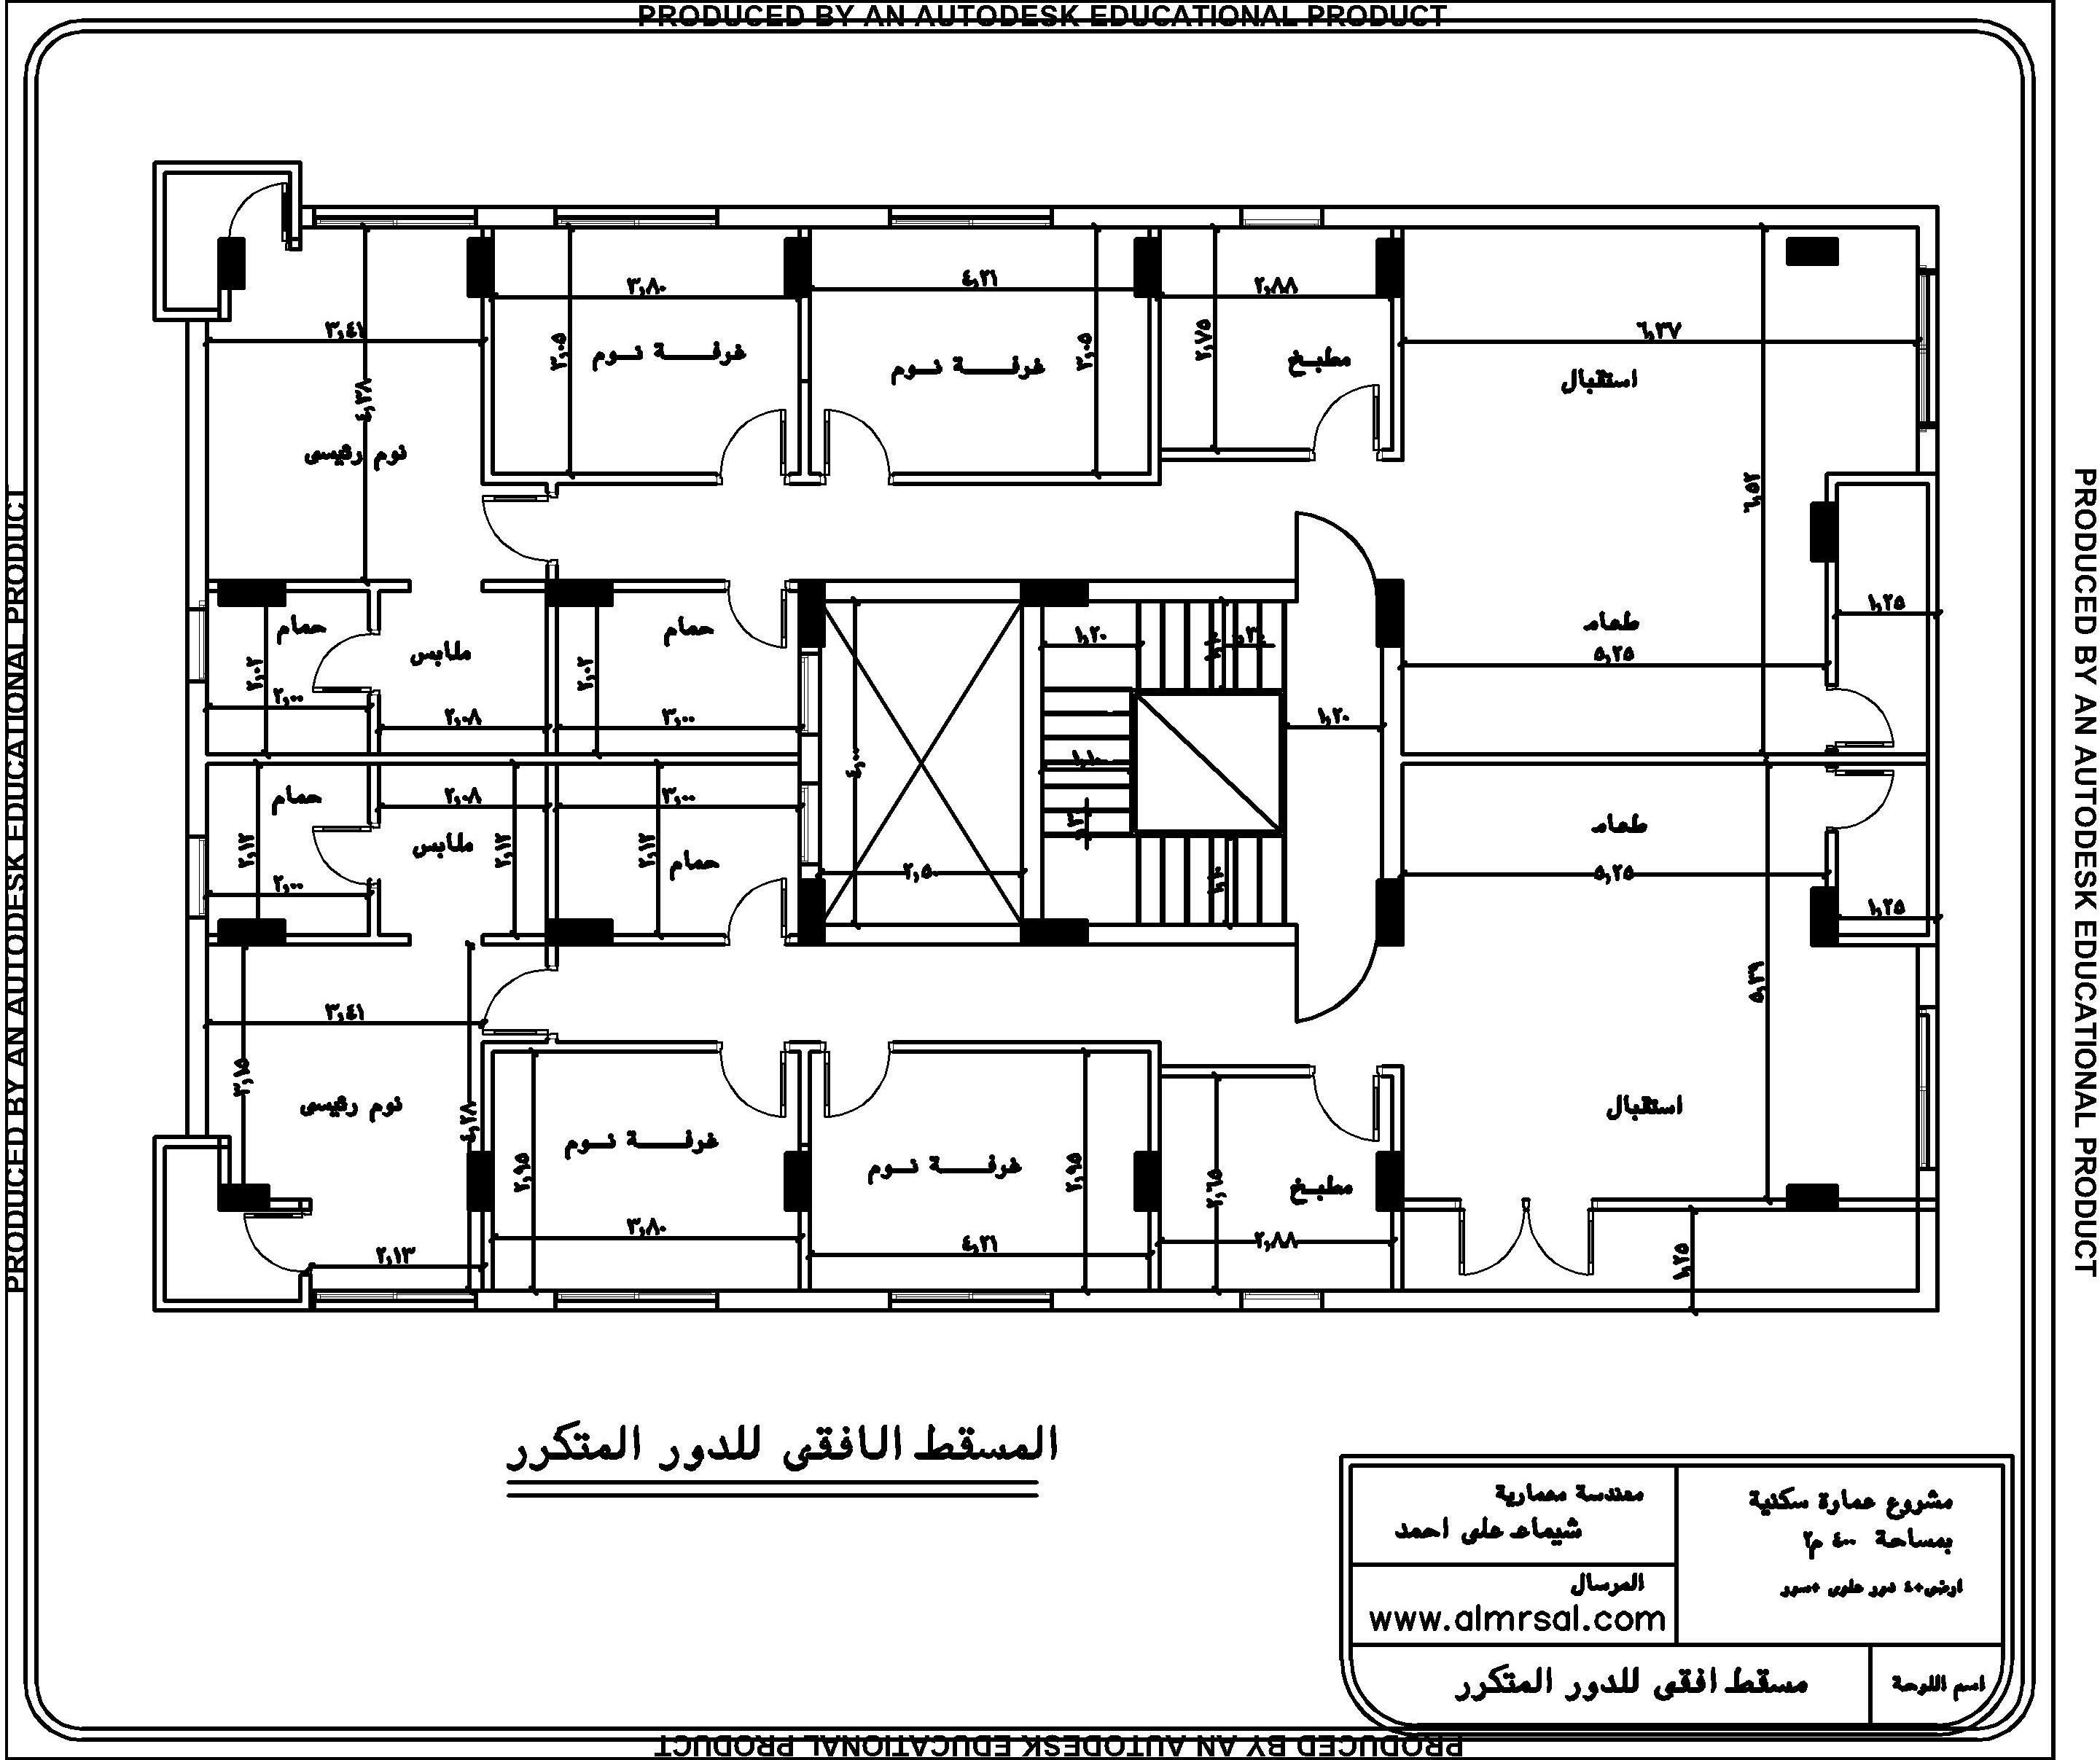 مخططات عمارة سكنية بمساحة 400 متر مربع ( شقتين )  مخططات عمارة سكنية بمساحة 400 متر مربع ( شقتين )